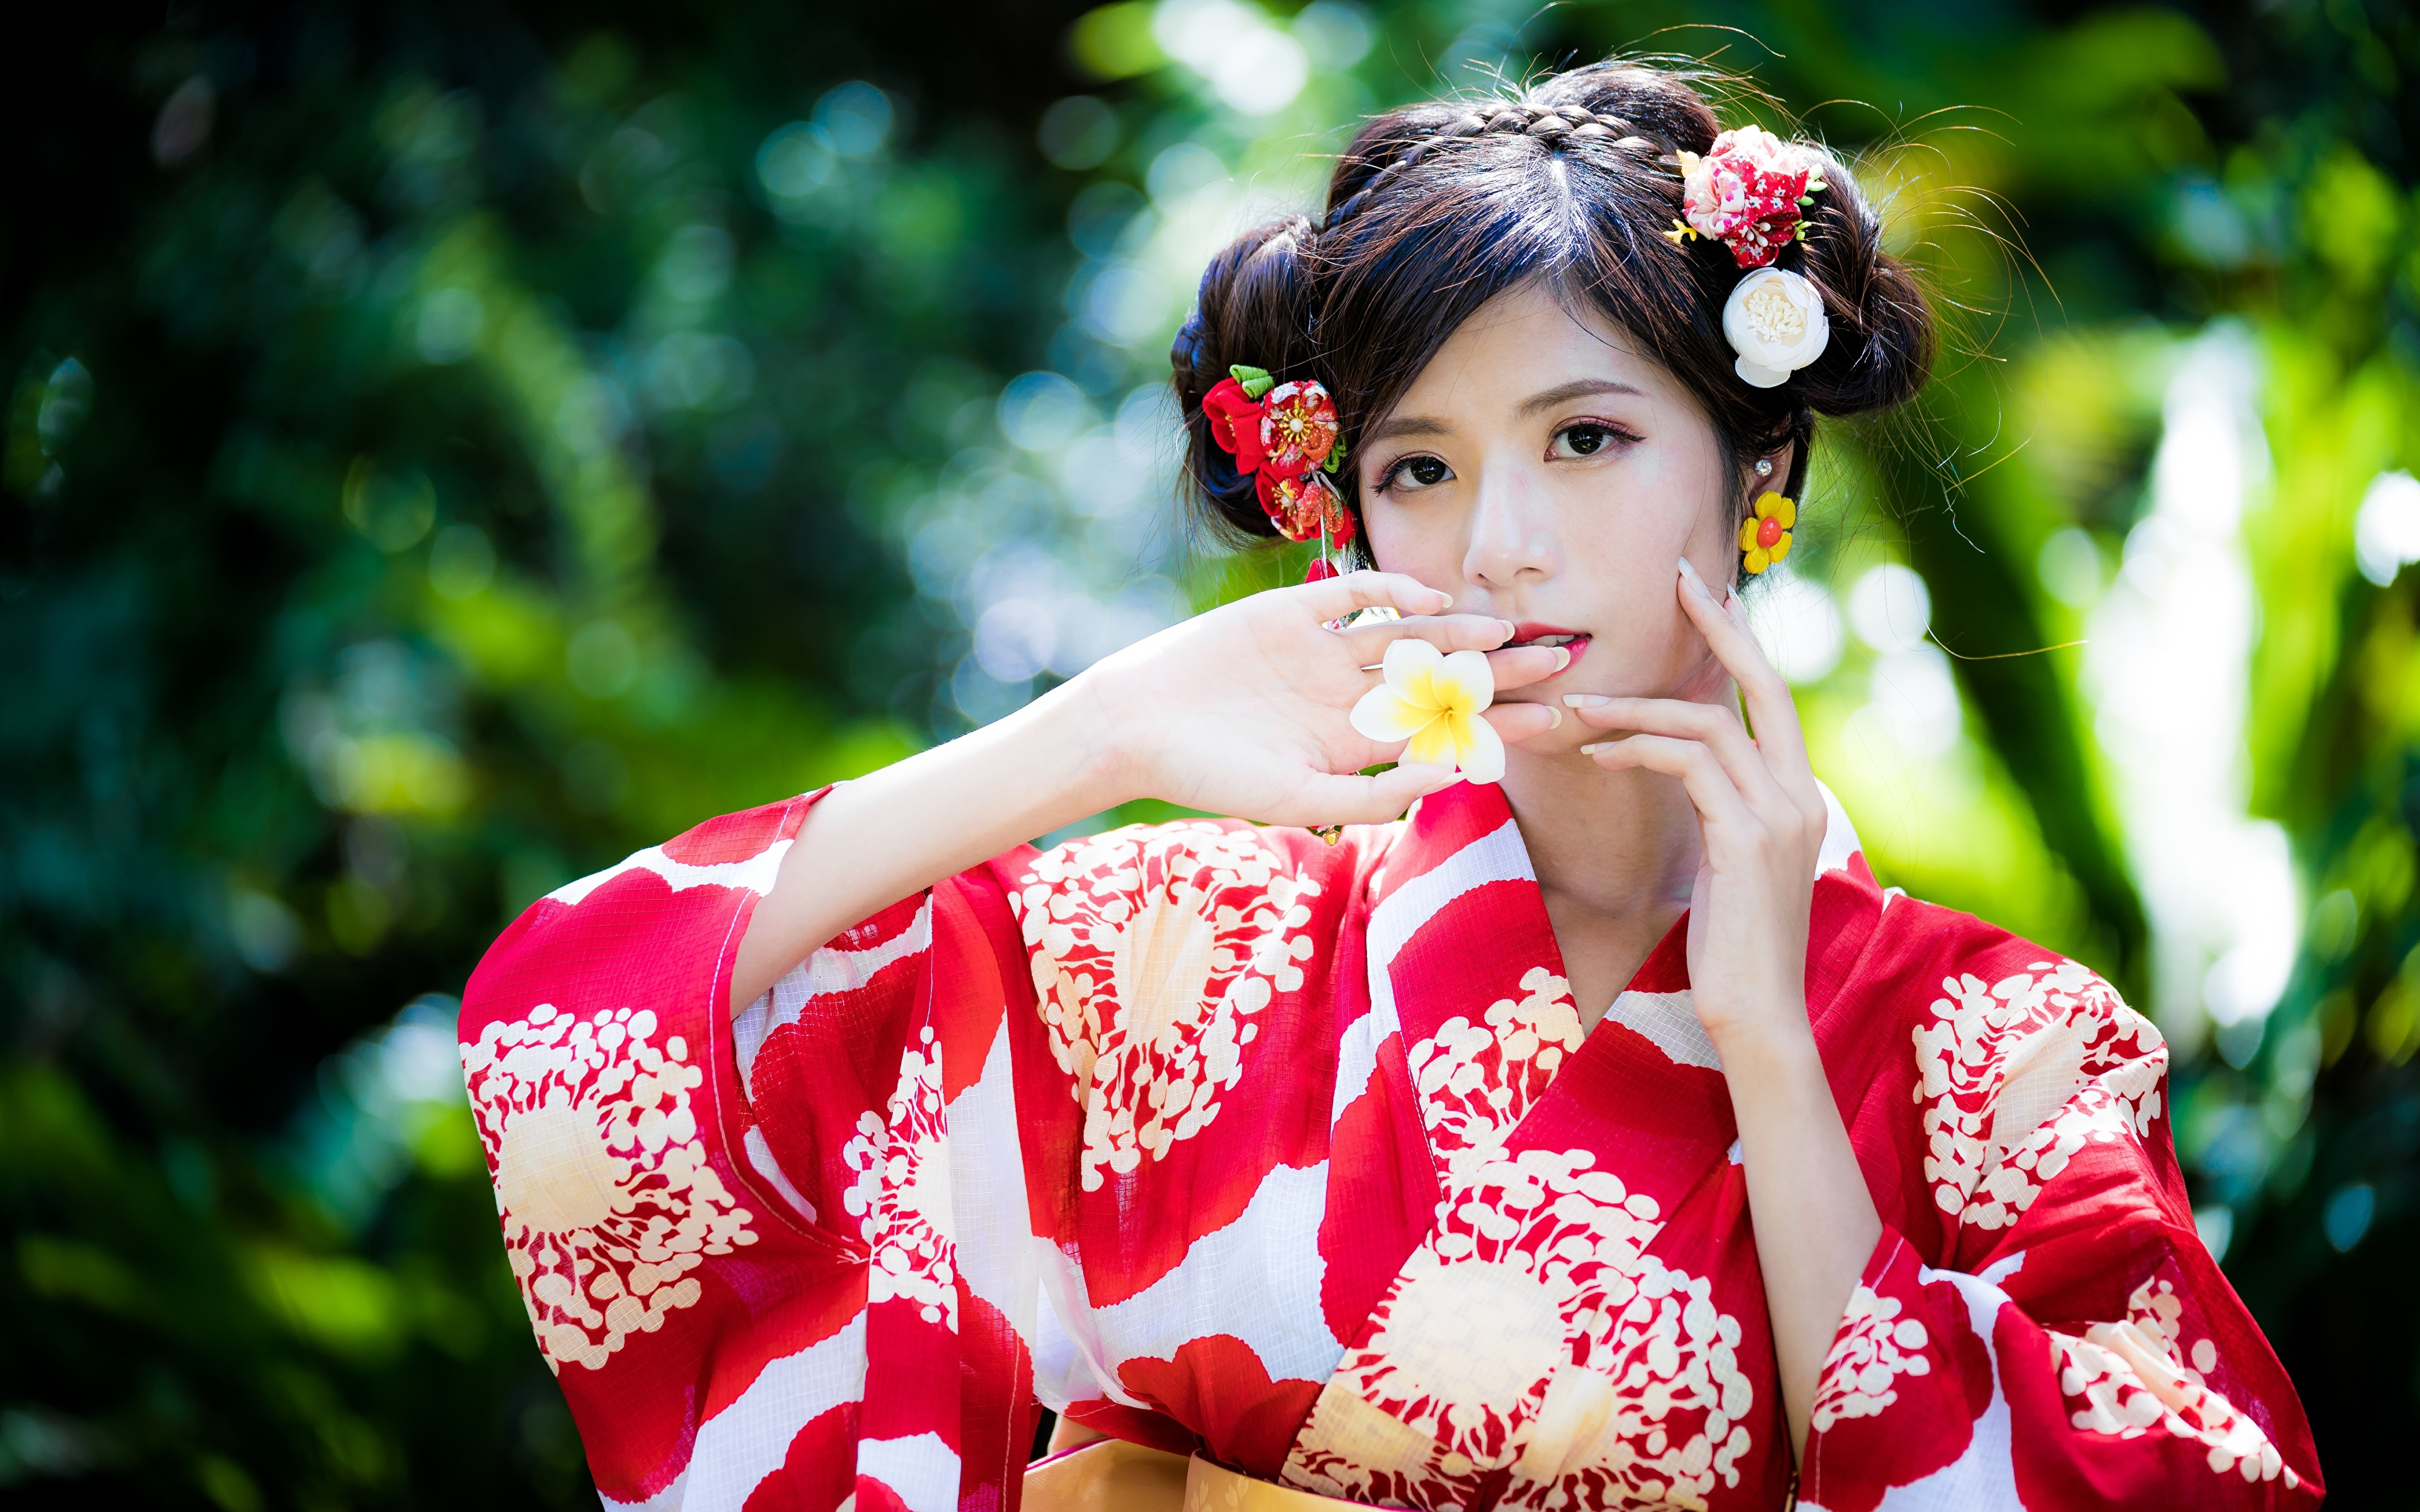 Фотография боке Кимоно молодые женщины азиатки Руки 3840x2400 Размытый фон девушка Девушки молодая женщина Азиаты азиатка рука